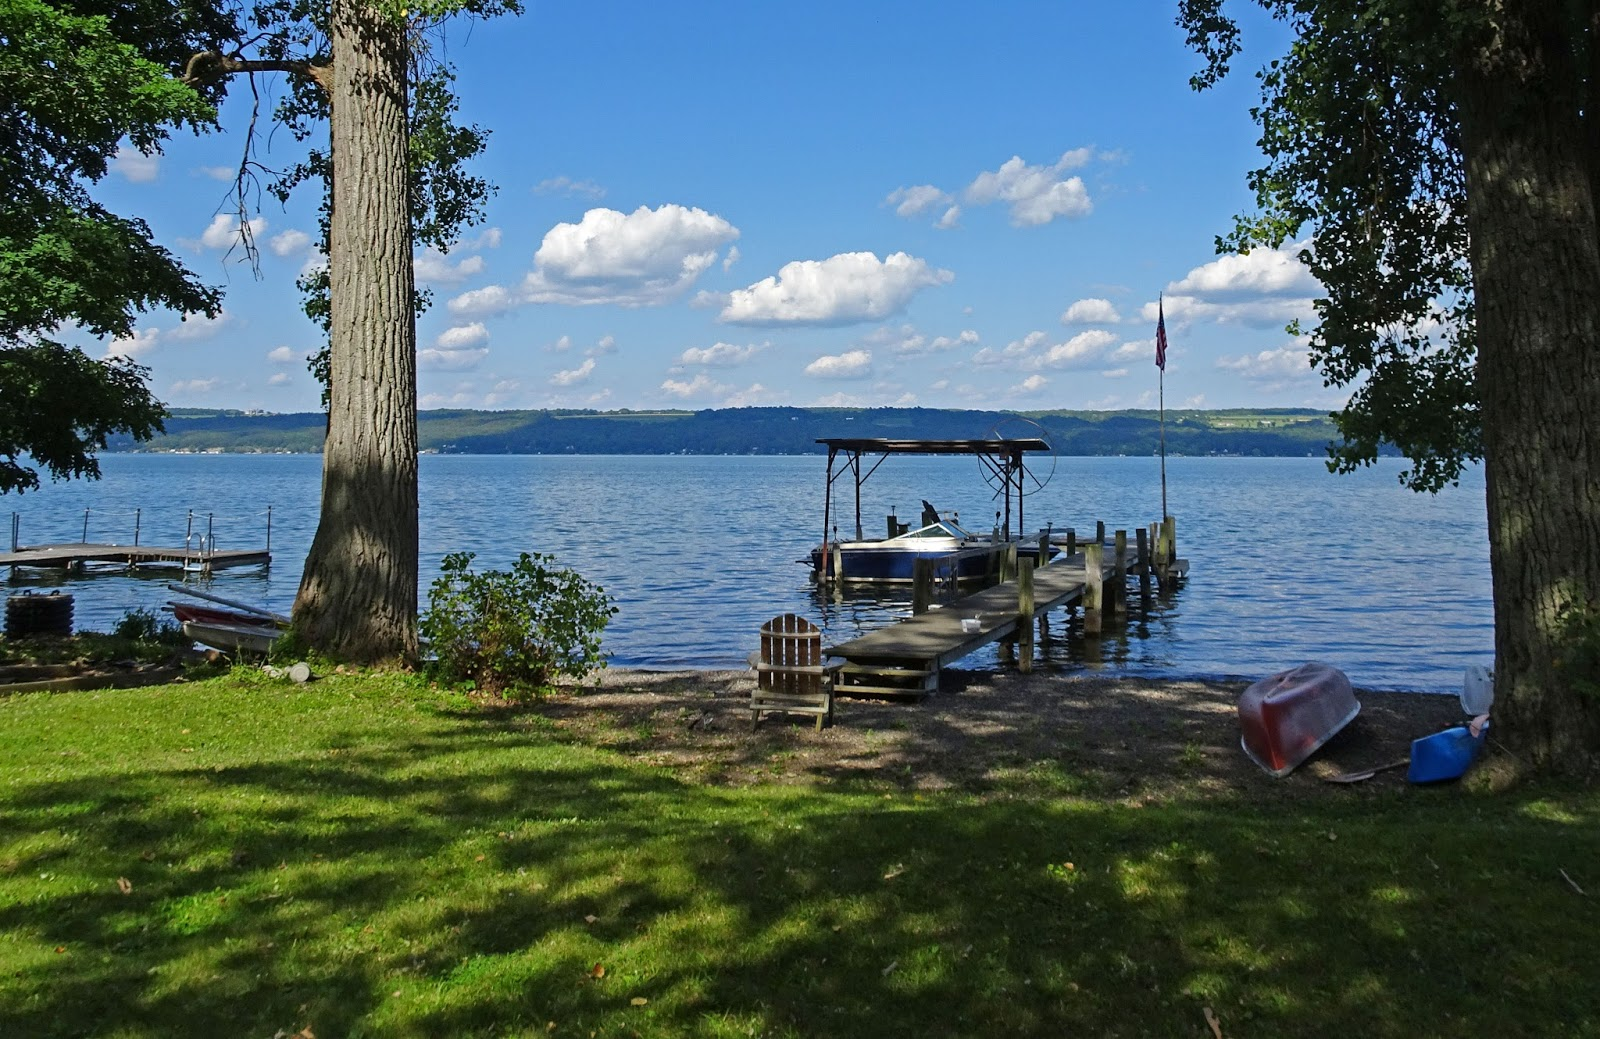 Joe's Retirement Blog: Cayuga Lake, Finger Lakes Region ...